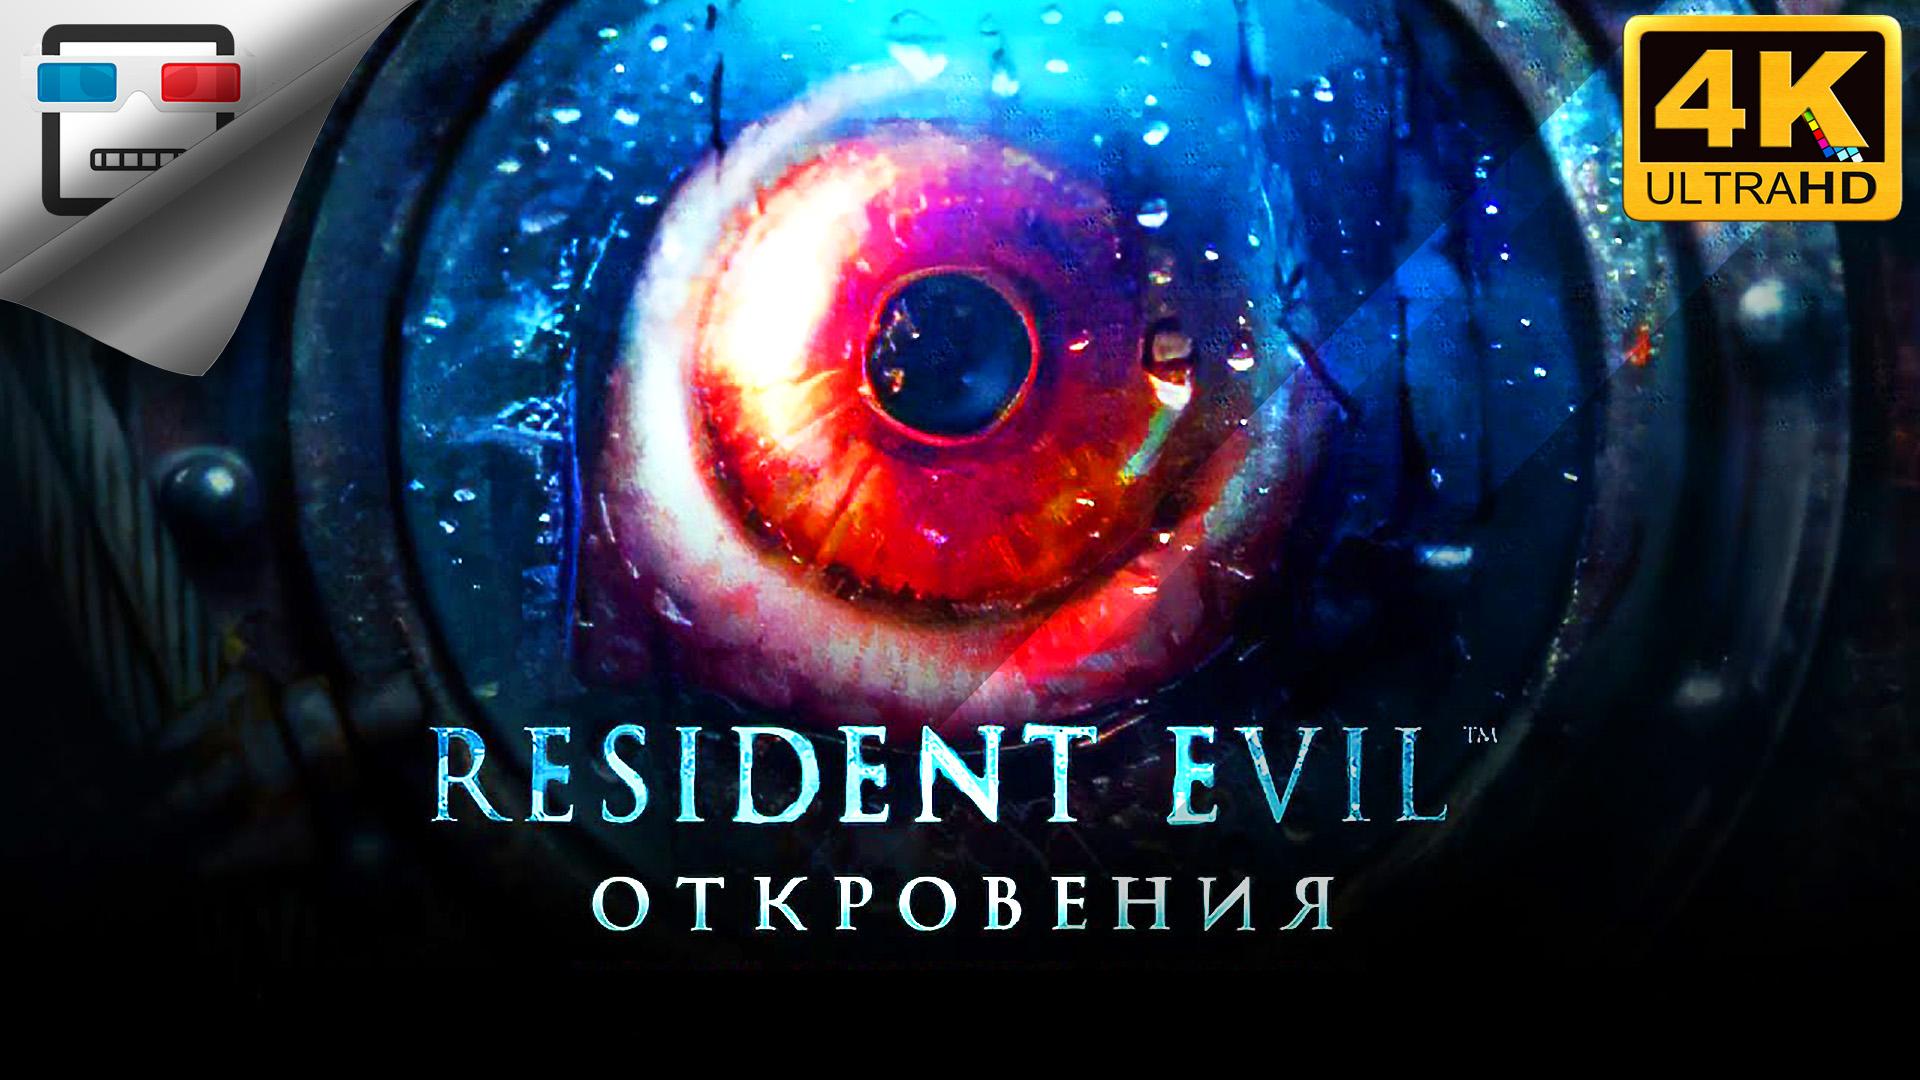 Обитель зла Откровения русская озвучка 4K60FPS Resident Evil Revelations ИГРОФИЛЬМ сюжет ужасы